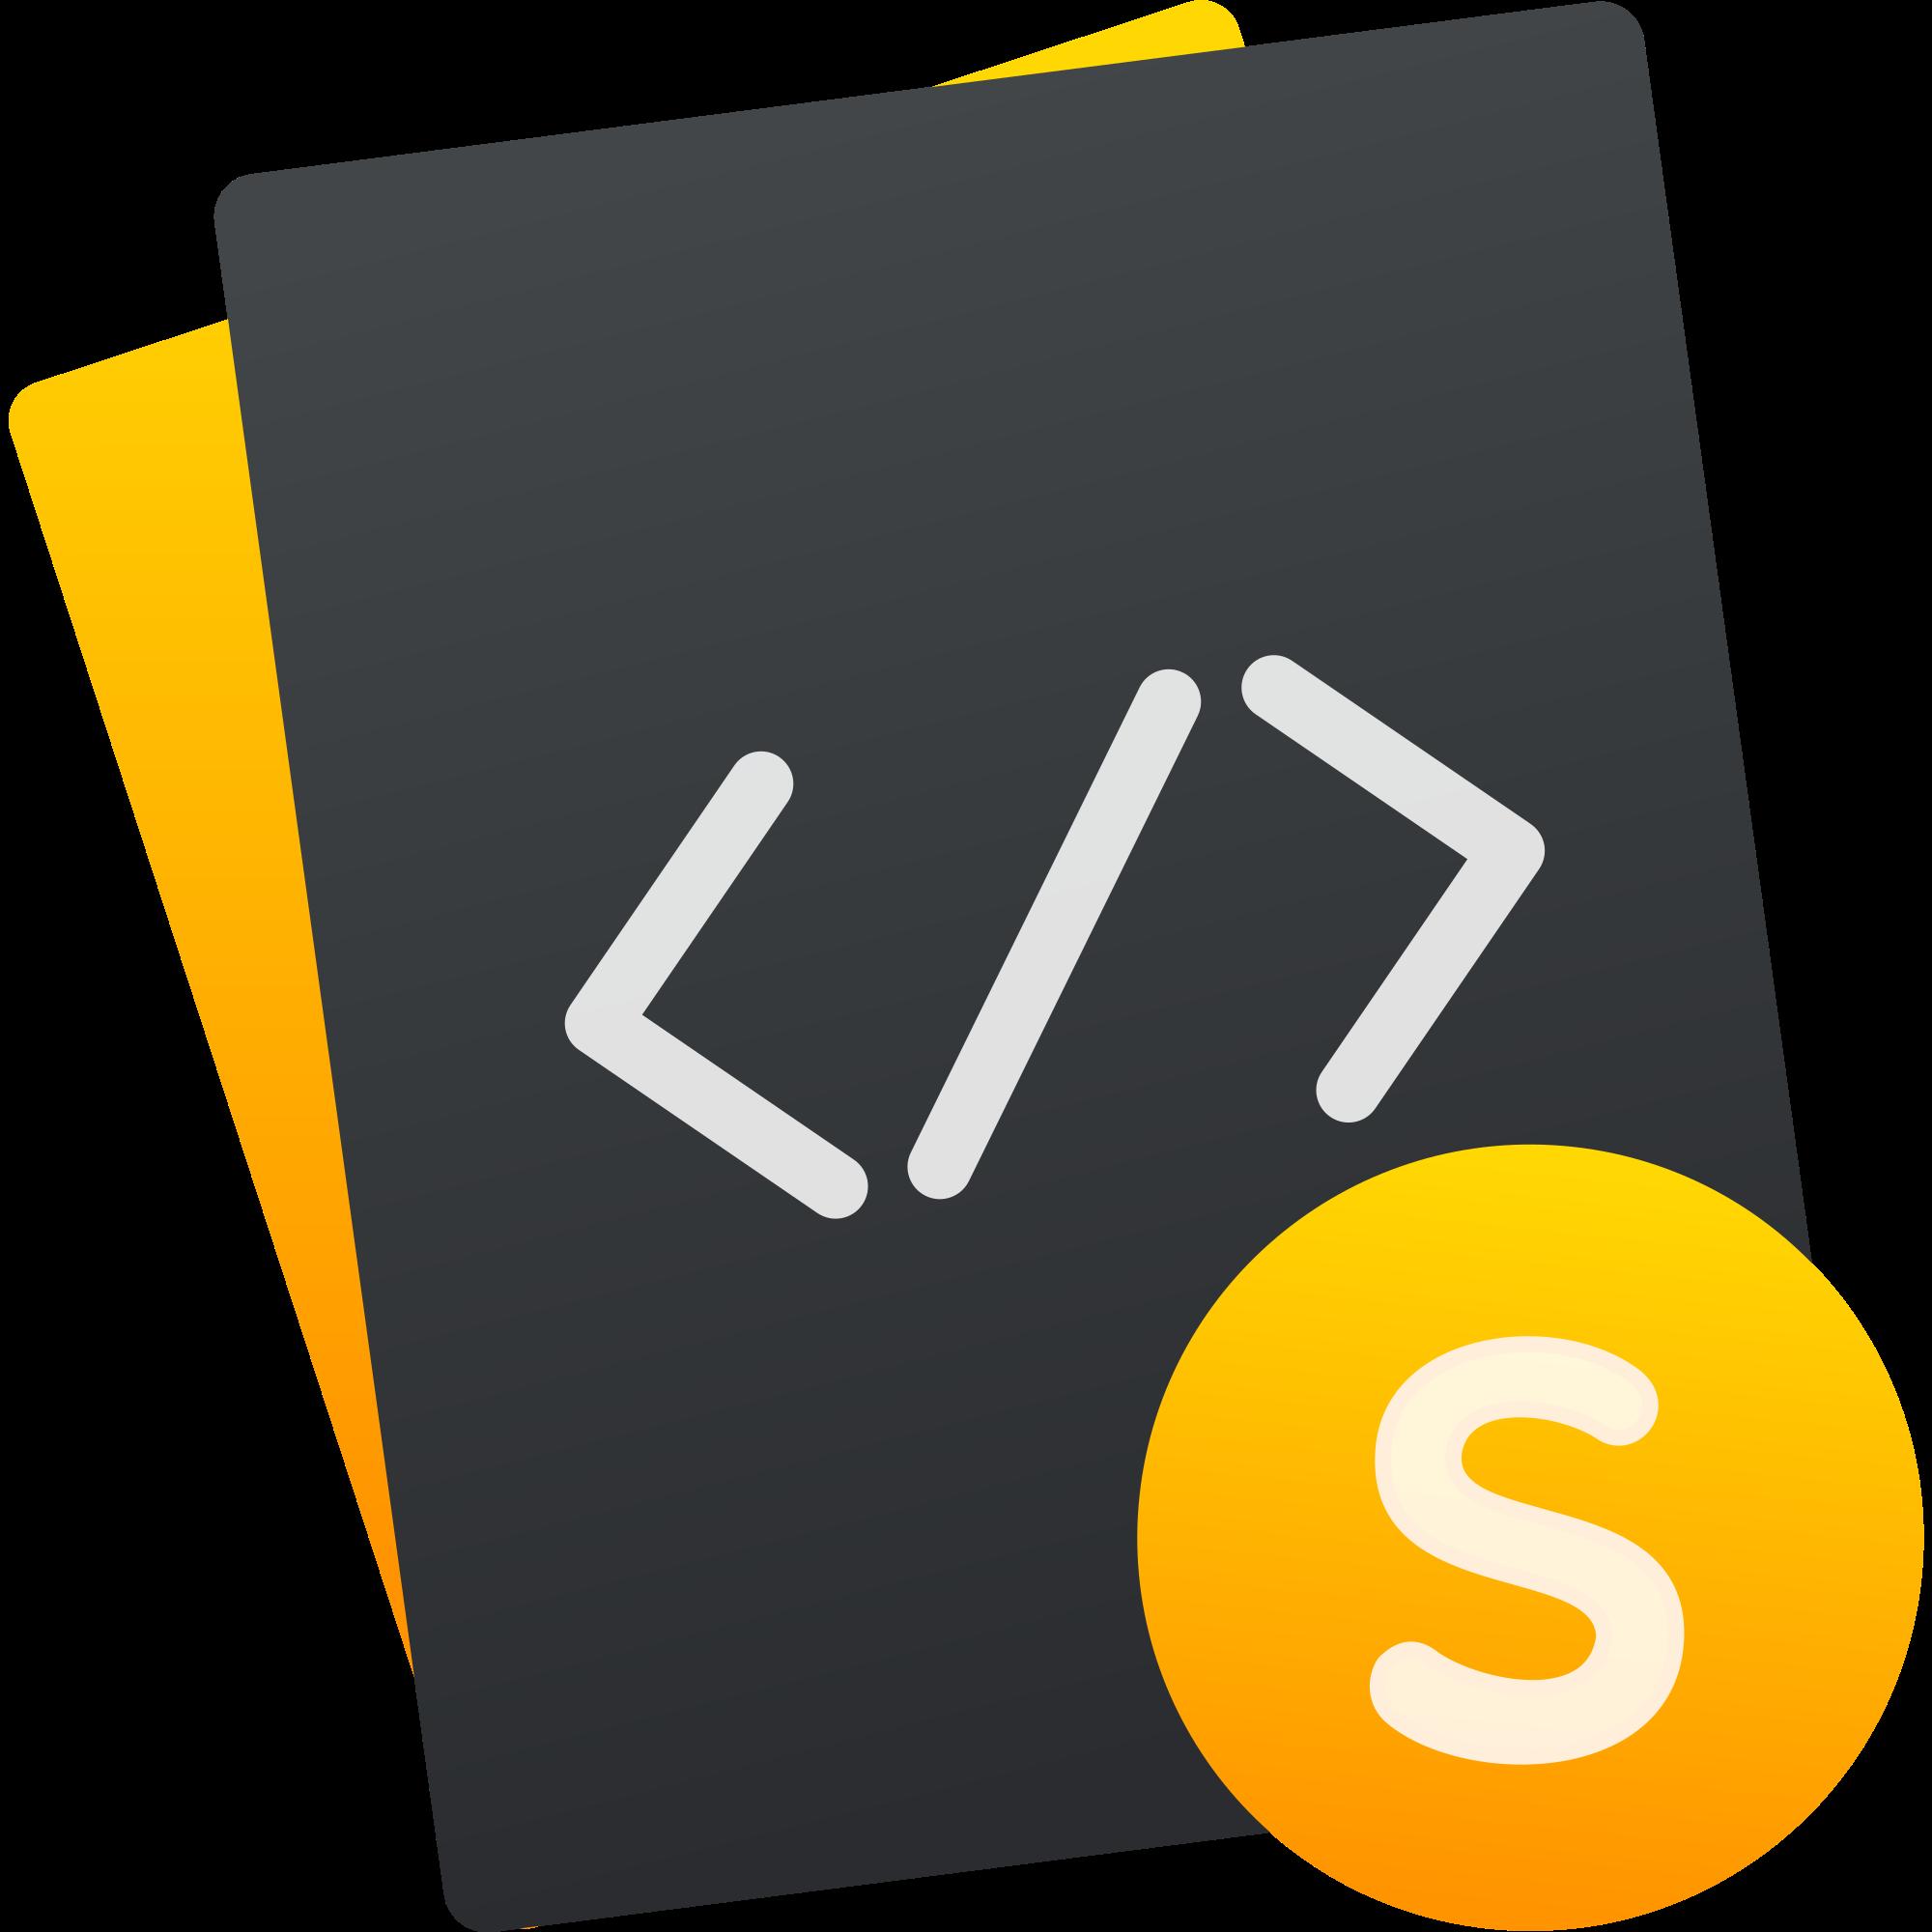 sublime text softwarefor windows, mashbyte.com